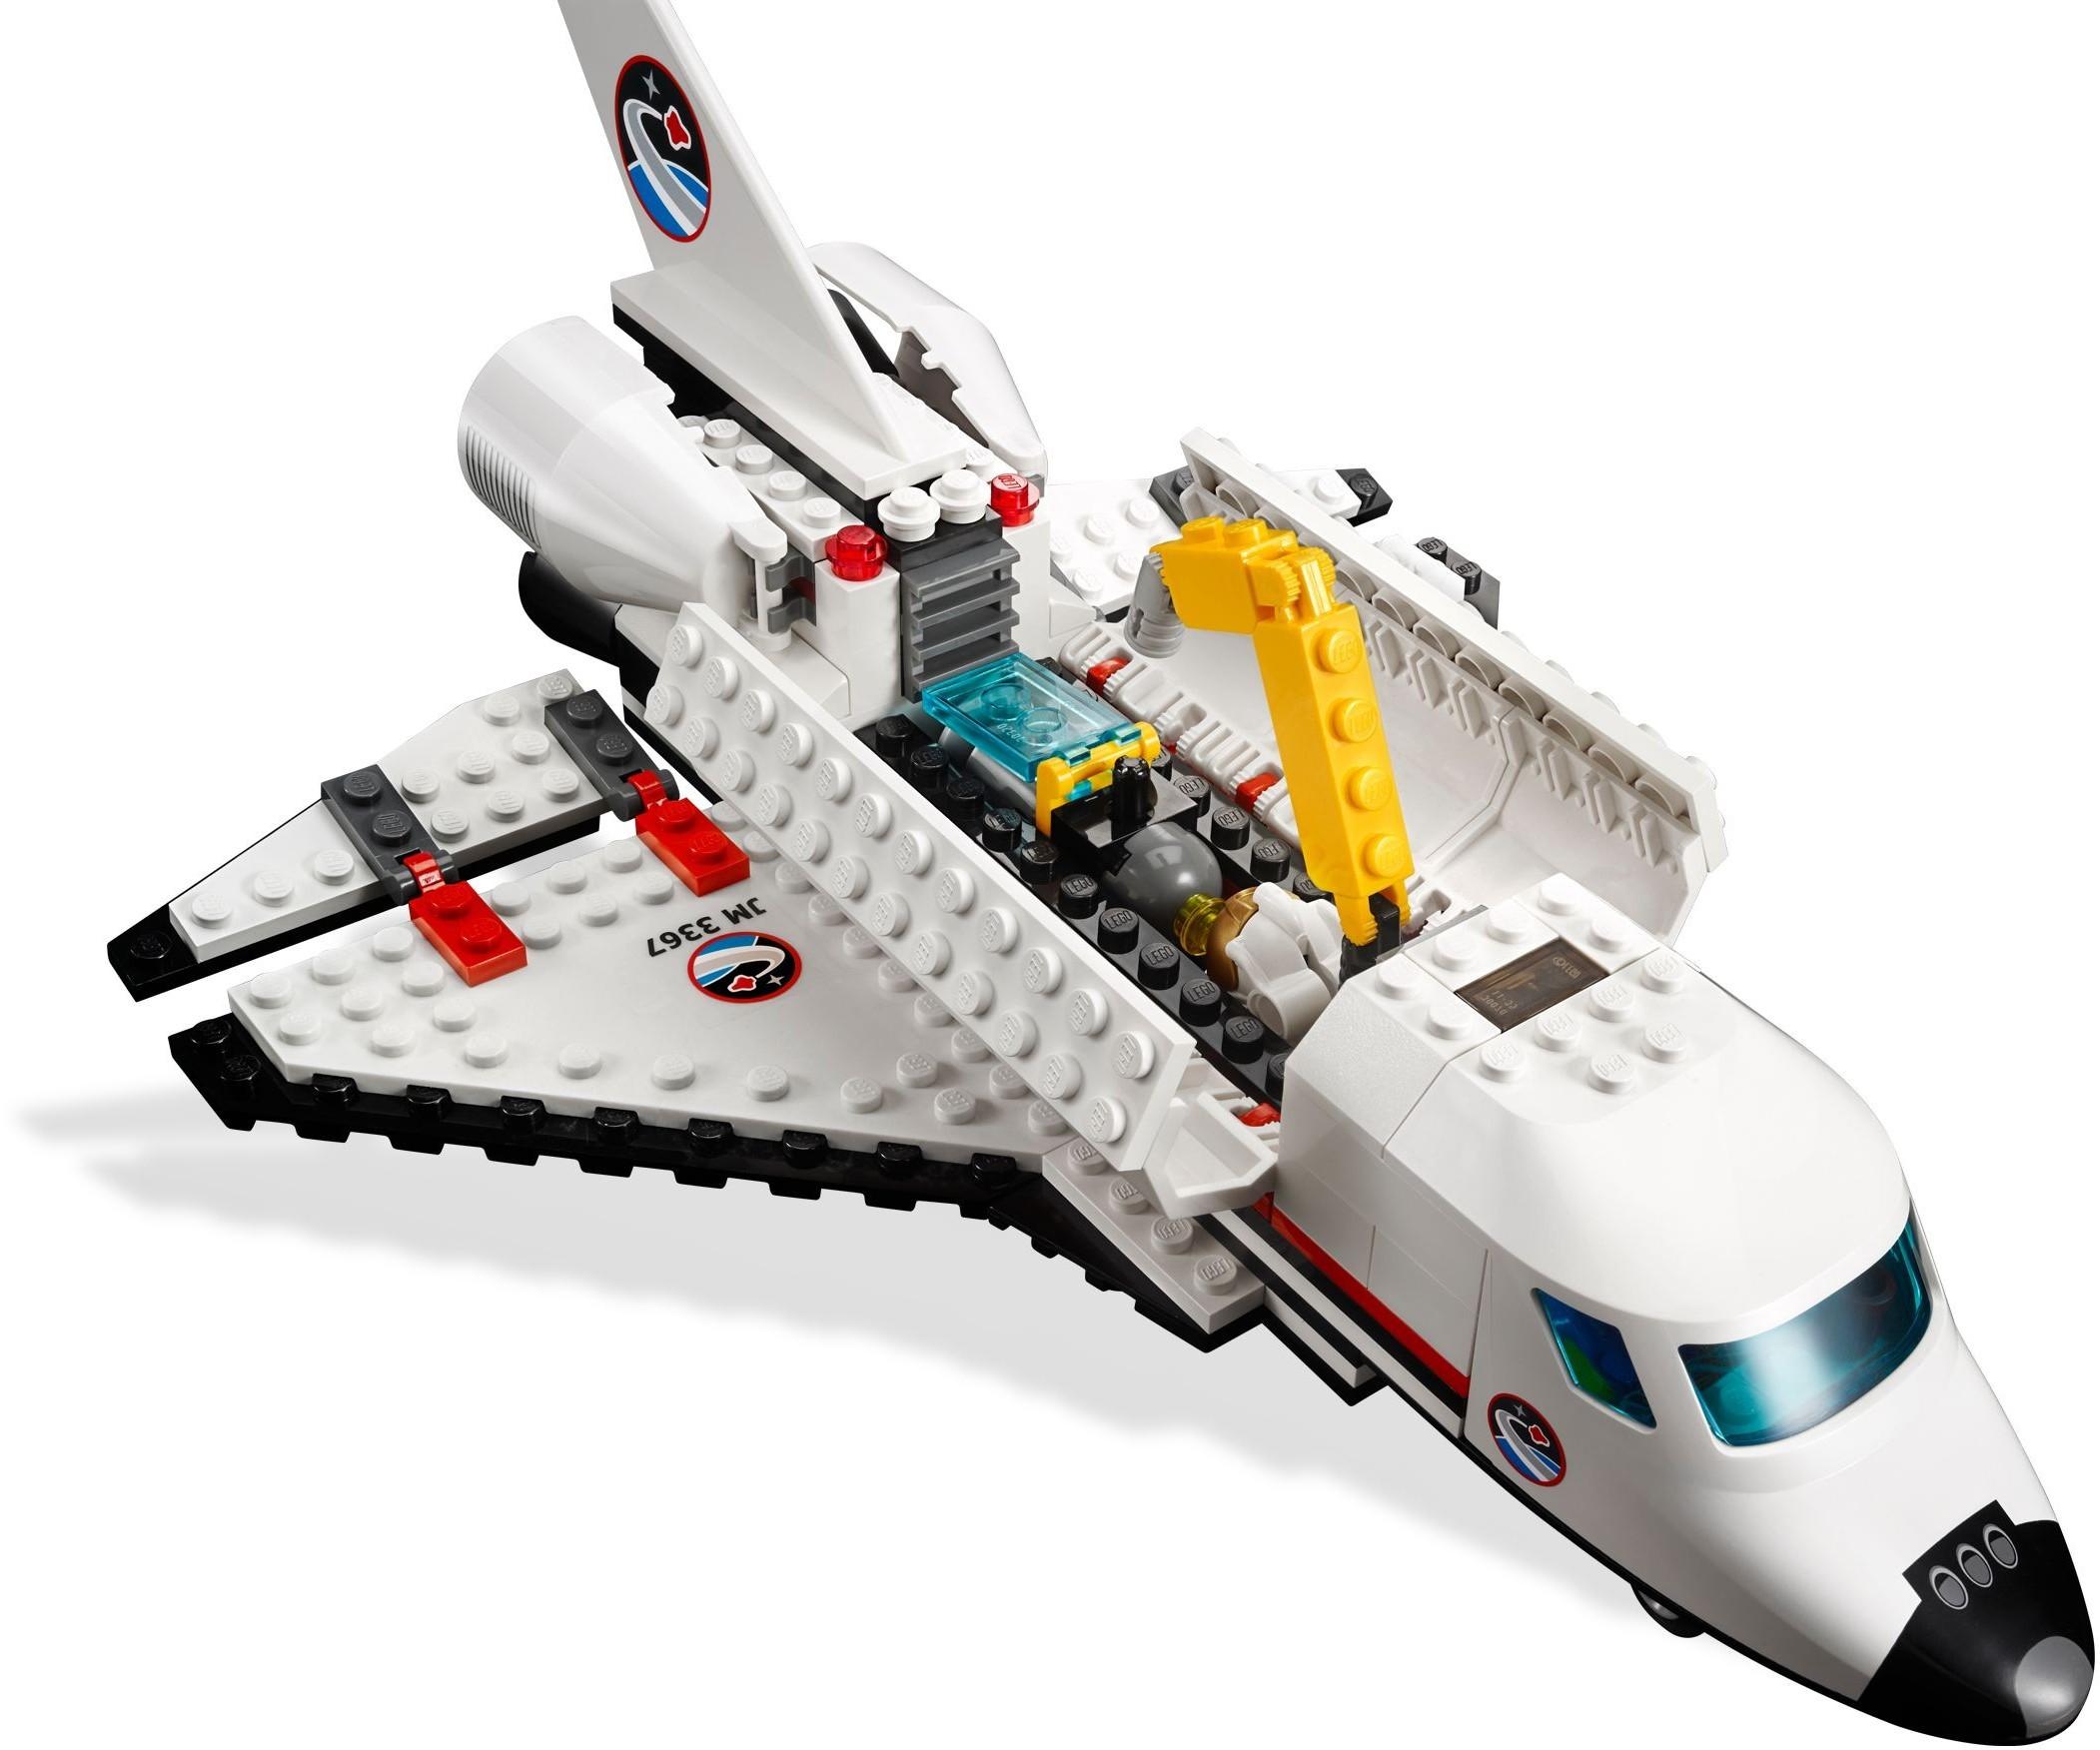 WANGE 8814 Space: Space Shuttle 5